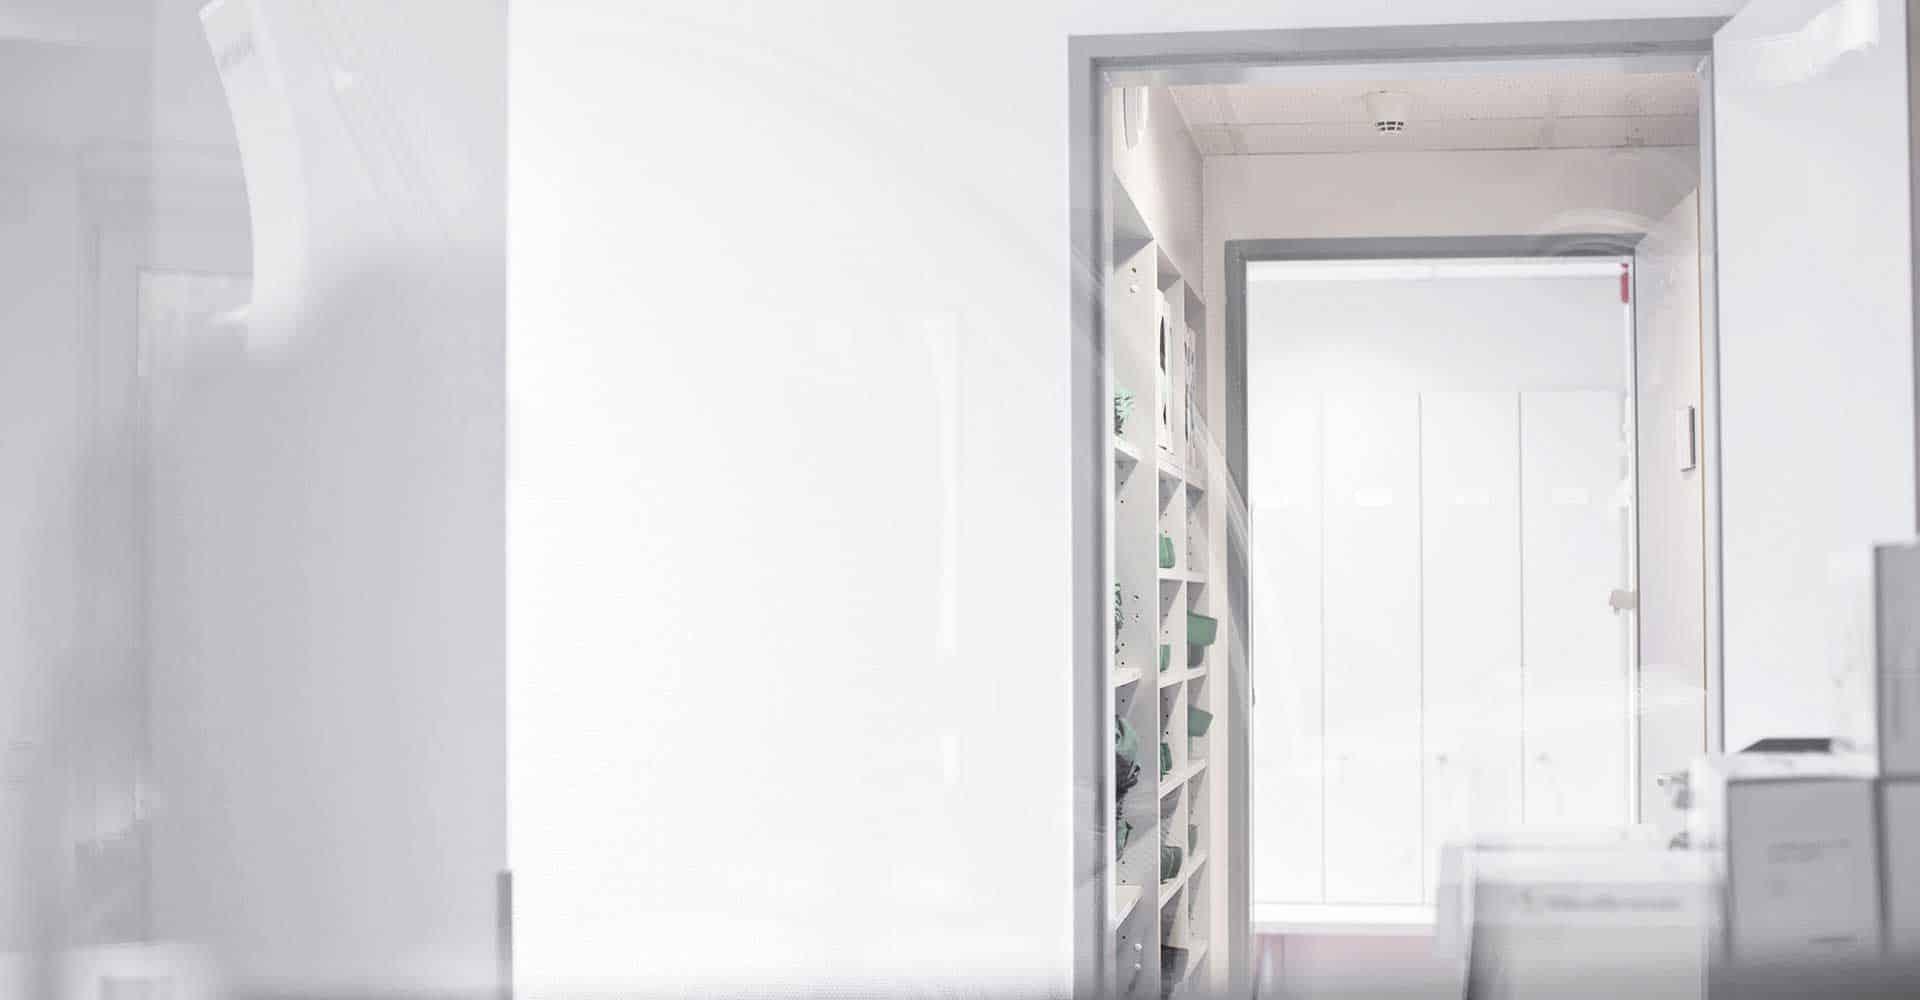 Praxisklinik Herz Gefaesse, Dresden, Innenausbau, Medizin, Angiographen, SIEMENS, Architektur, GU-Leistung, Maler, Boden, Trockenbau